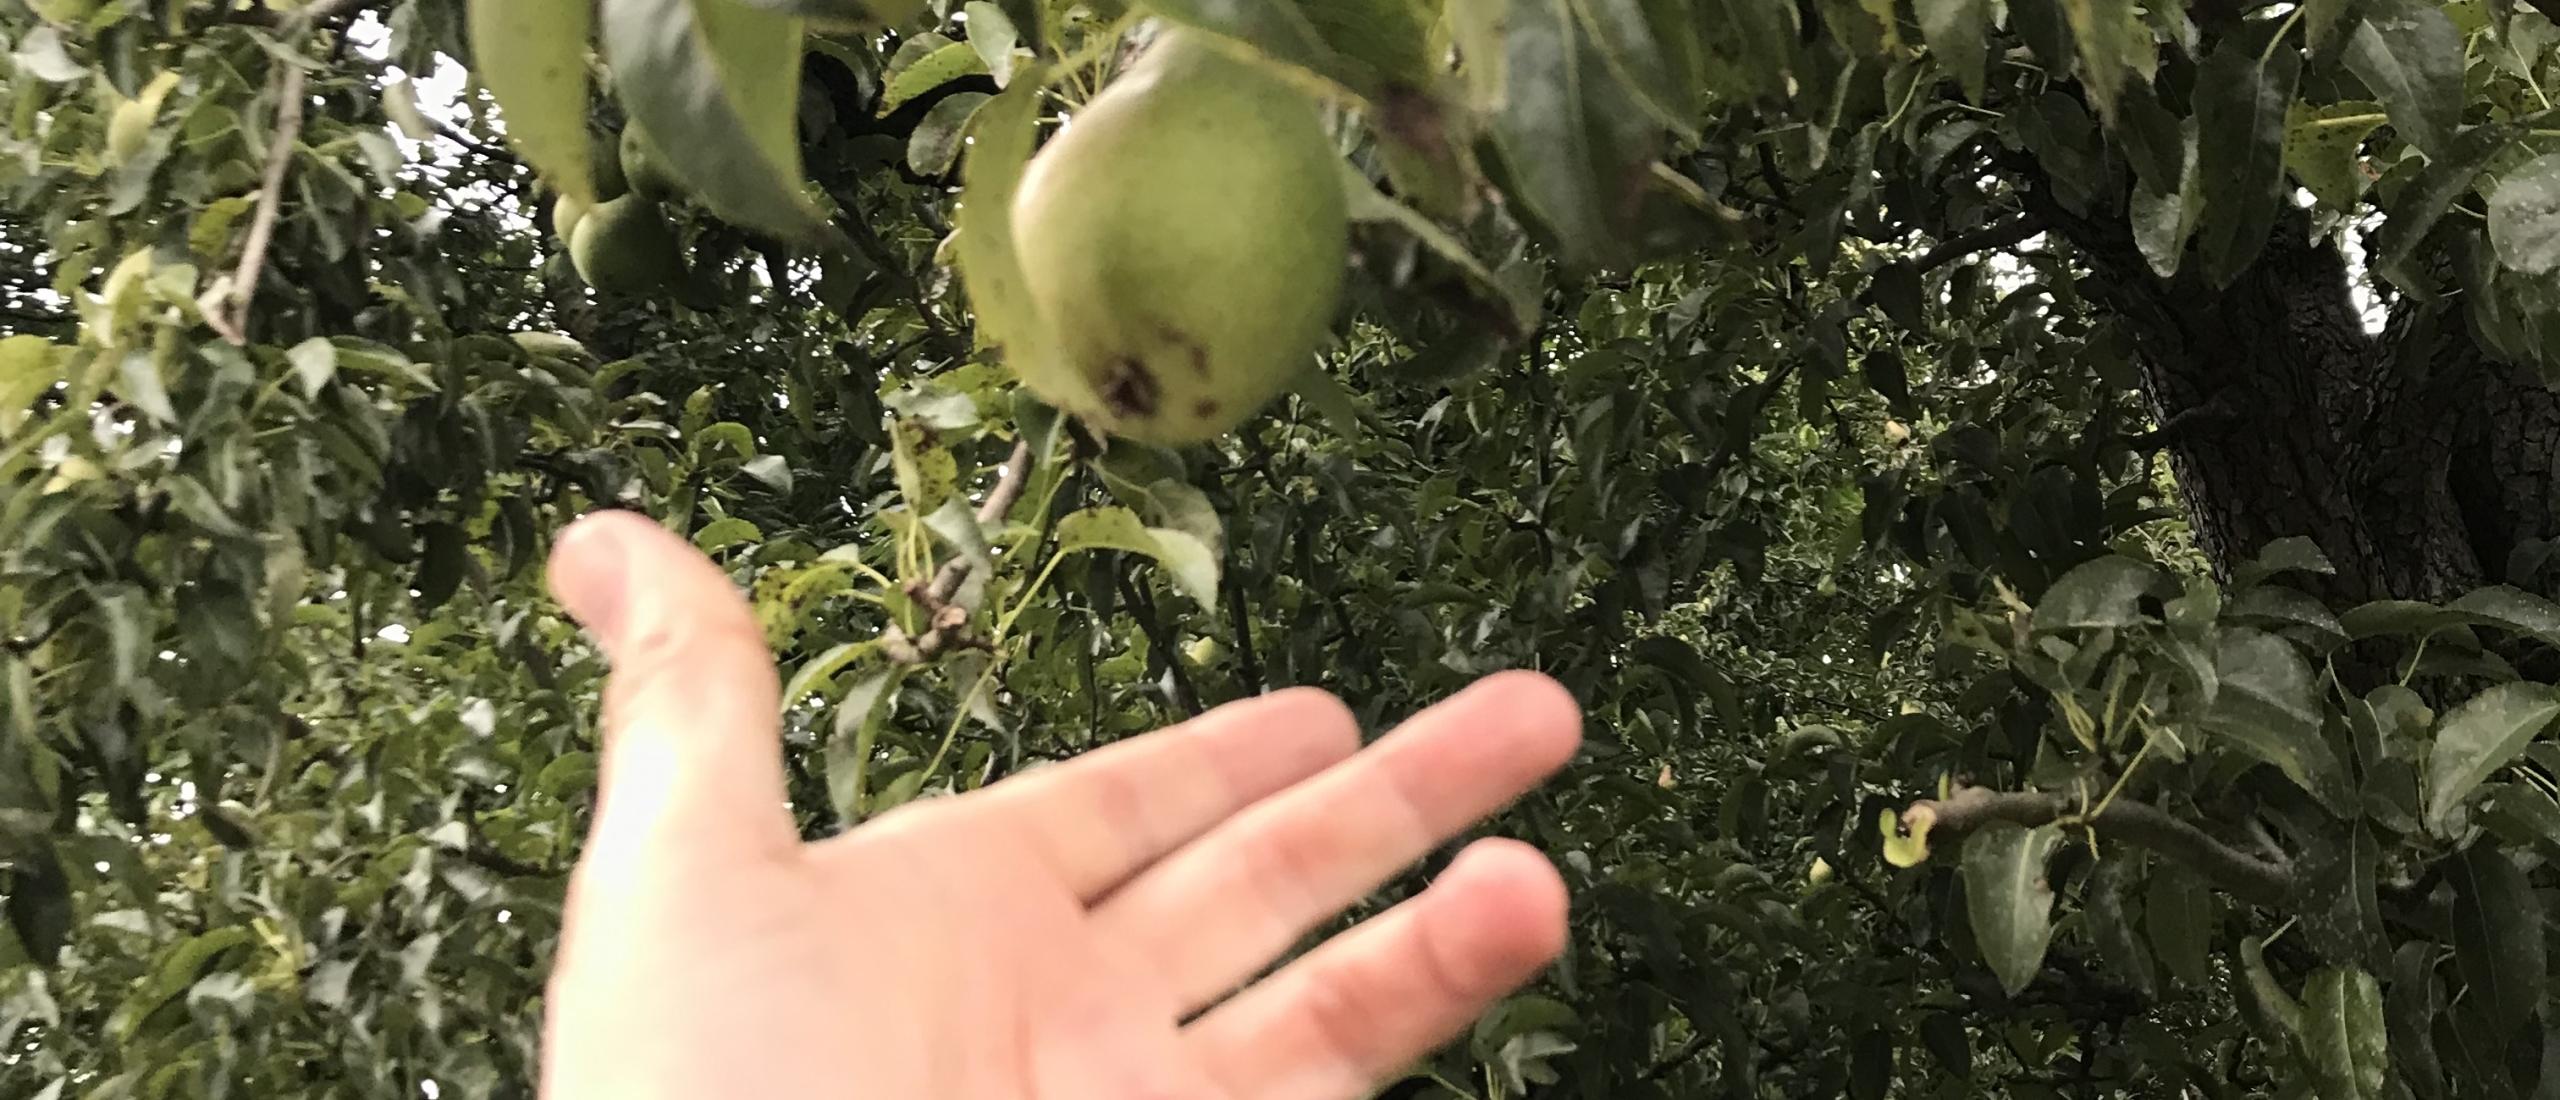 Pluk het laag hangende fruit